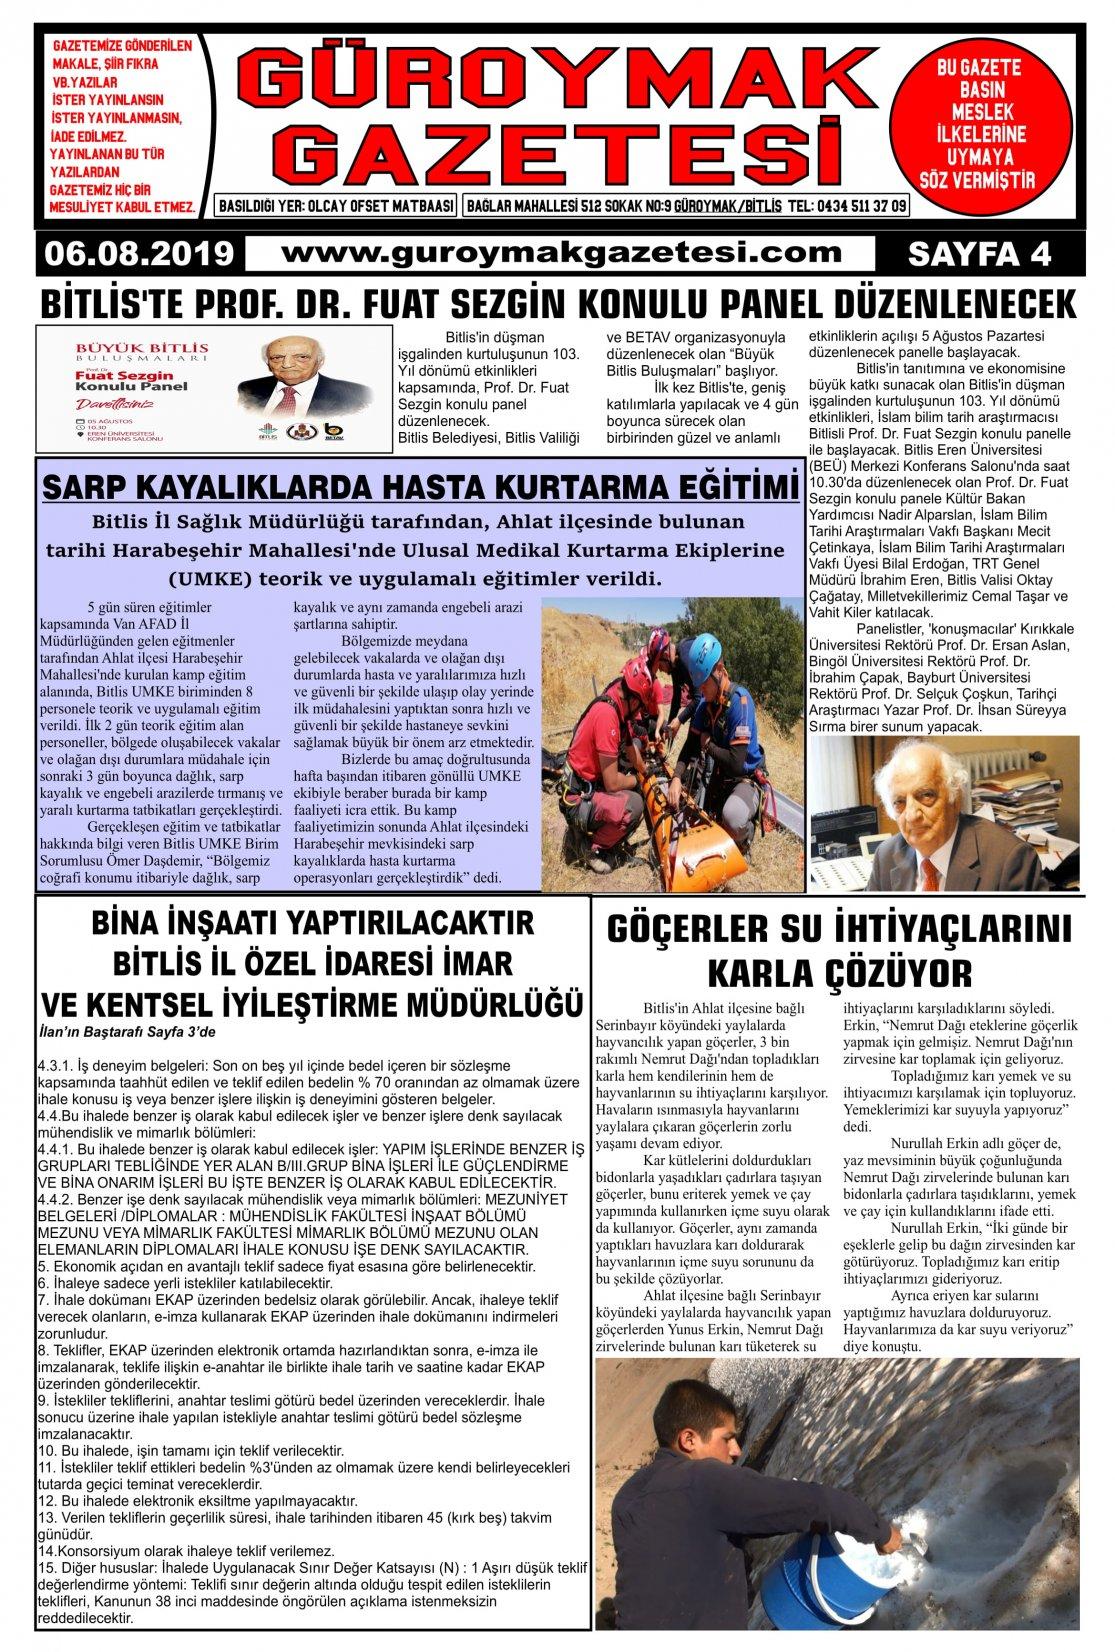 Güroymak Gazetesi 4-1.jpg Sayılı Gazete Küpürü